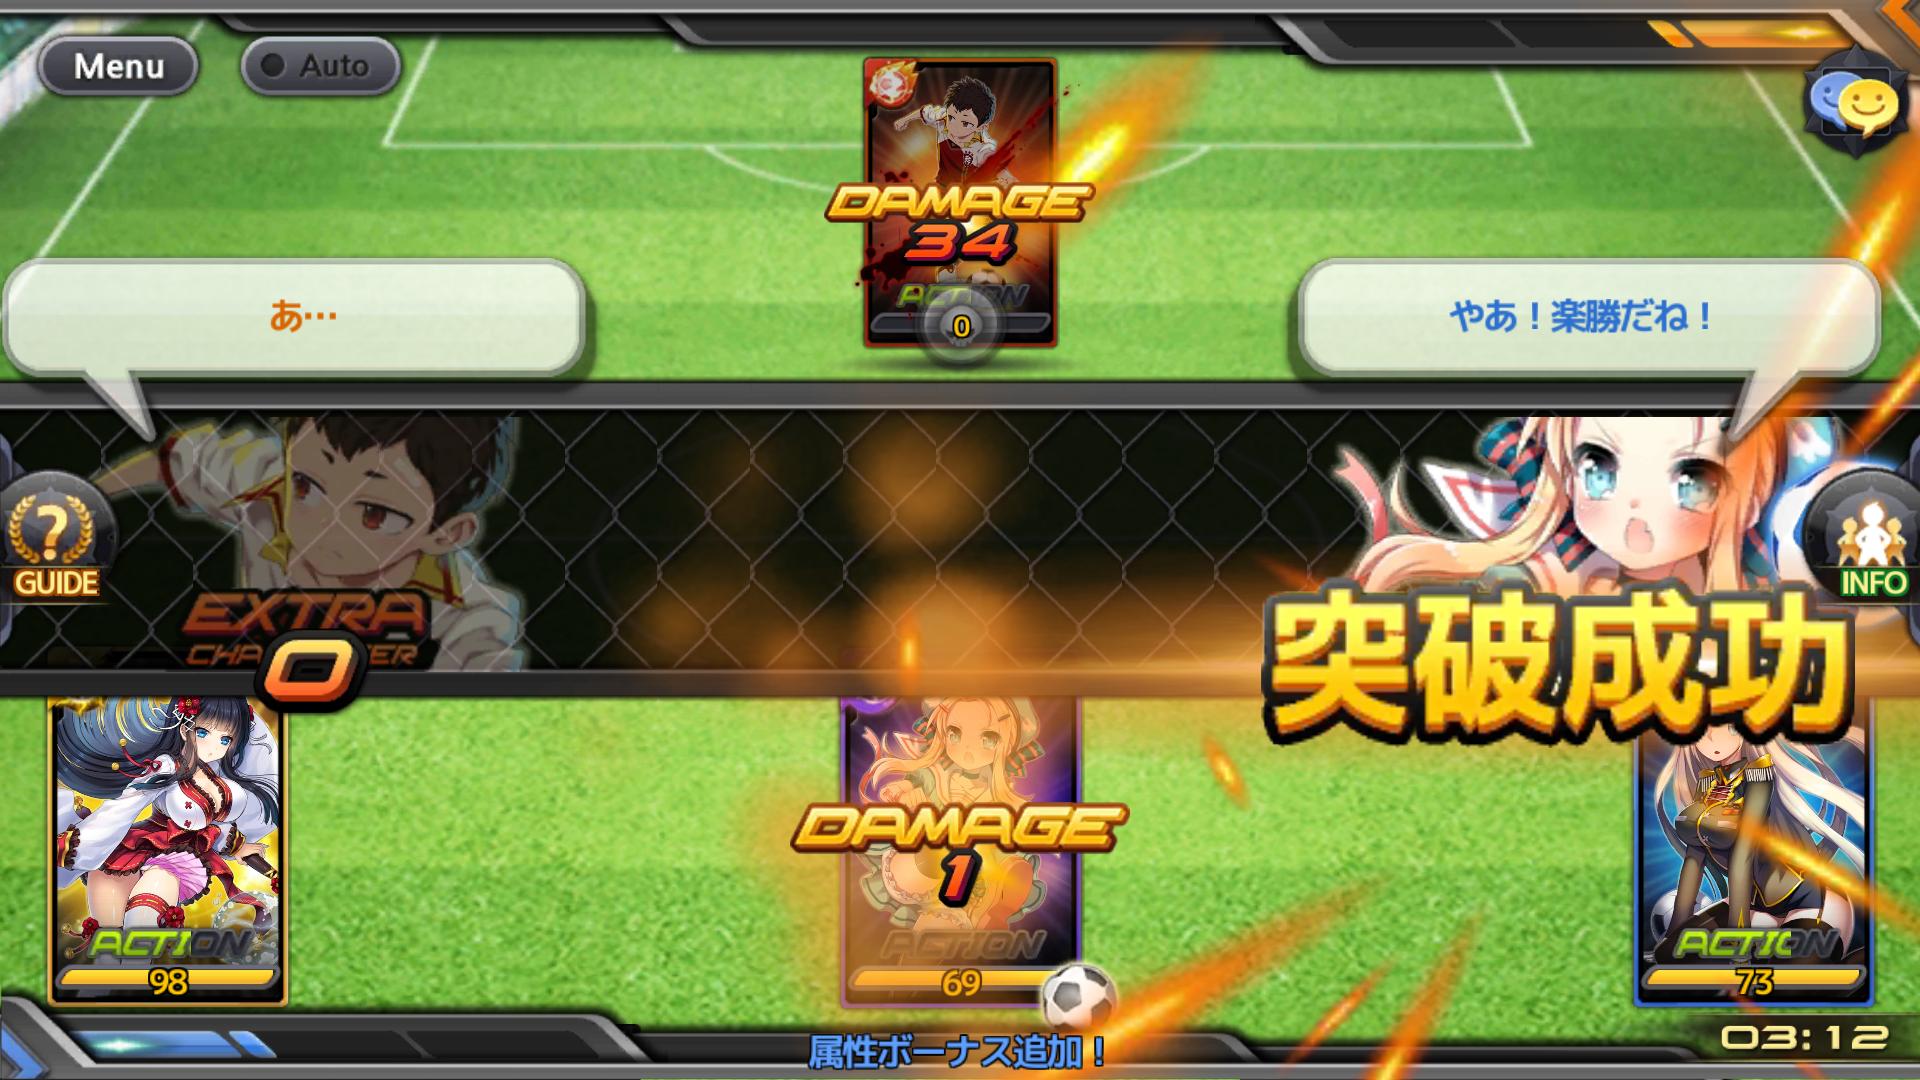 androidアプリ サッカースピリッツ(サカスピ)攻略スクリーンショット4